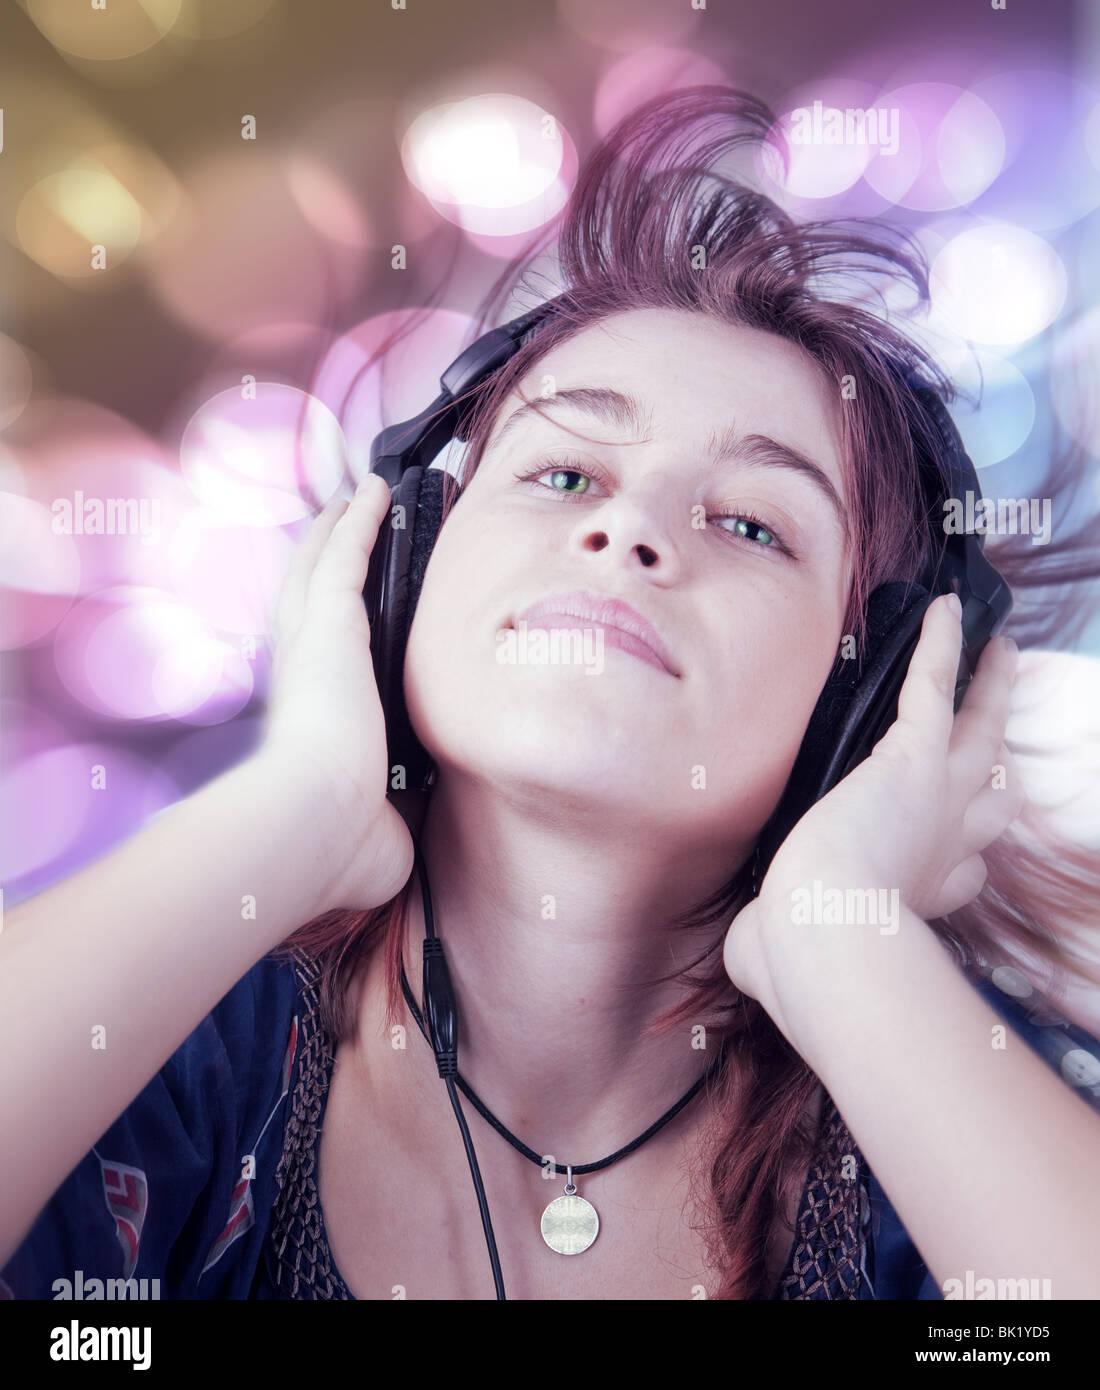 Jeune femme active de l'adolescence à l'écoute de la musique moderne Photo Stock